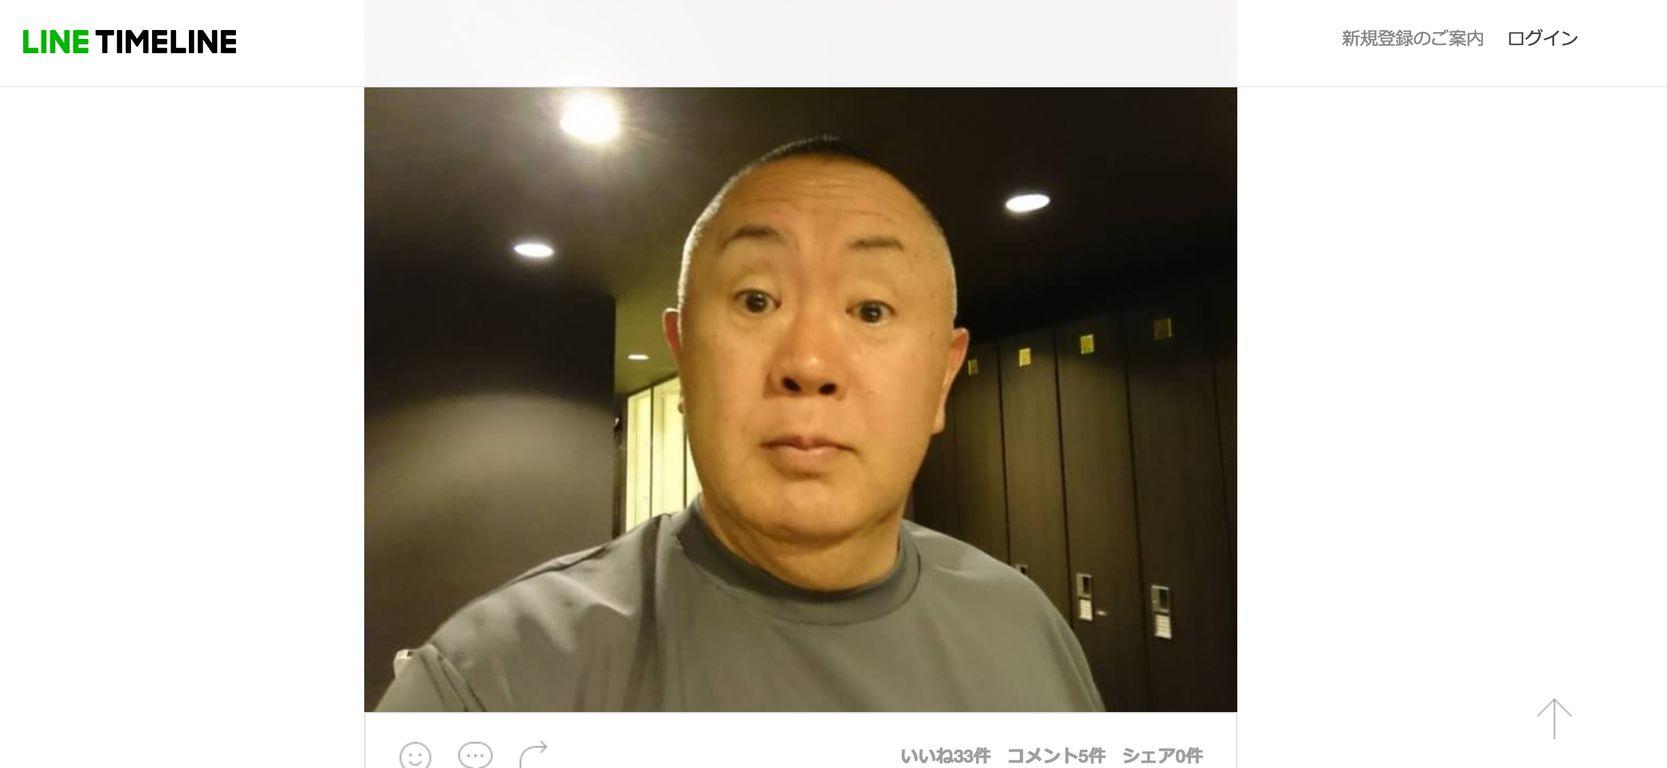 【はちま起稿らがデマ】松村邦洋さんはライザップで確実に痩せていっている